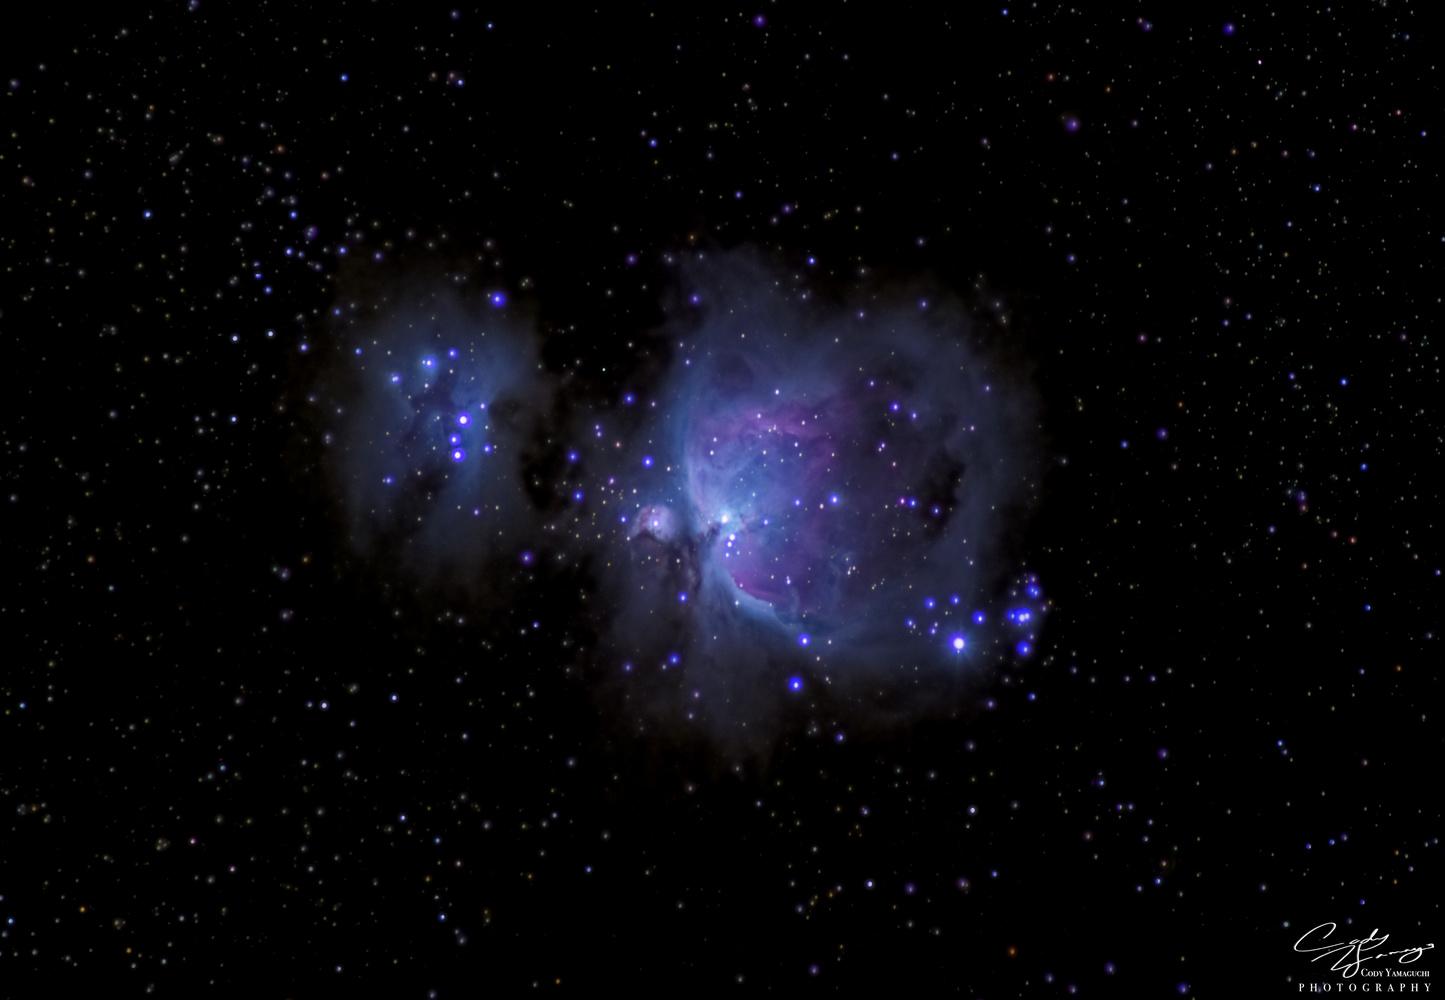 (M42)Orion Nebula, (M43) De Mairan's Nebula and (Sh2-279) Running Man Nebula from Mouna Loa. by Cody Yamaguchi